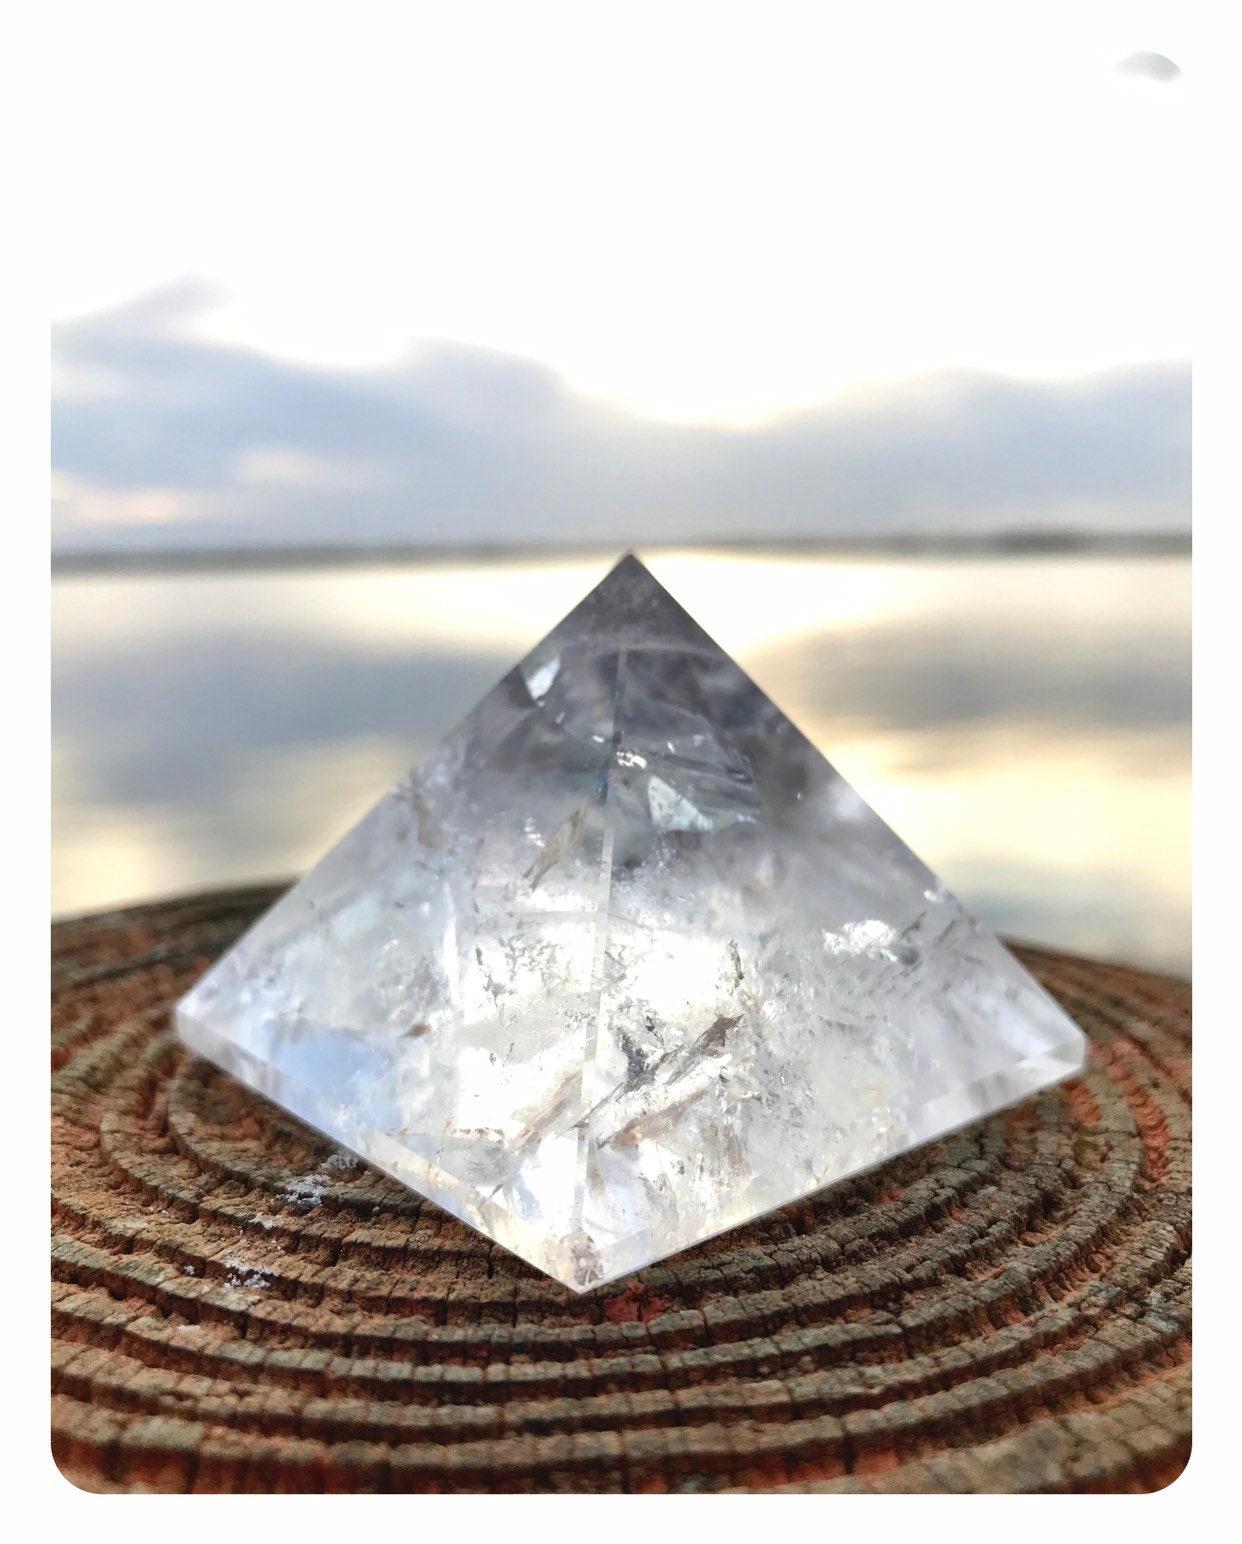 Polished CLEAR QUARTZ Pyramid - 54mm 120 grams - This